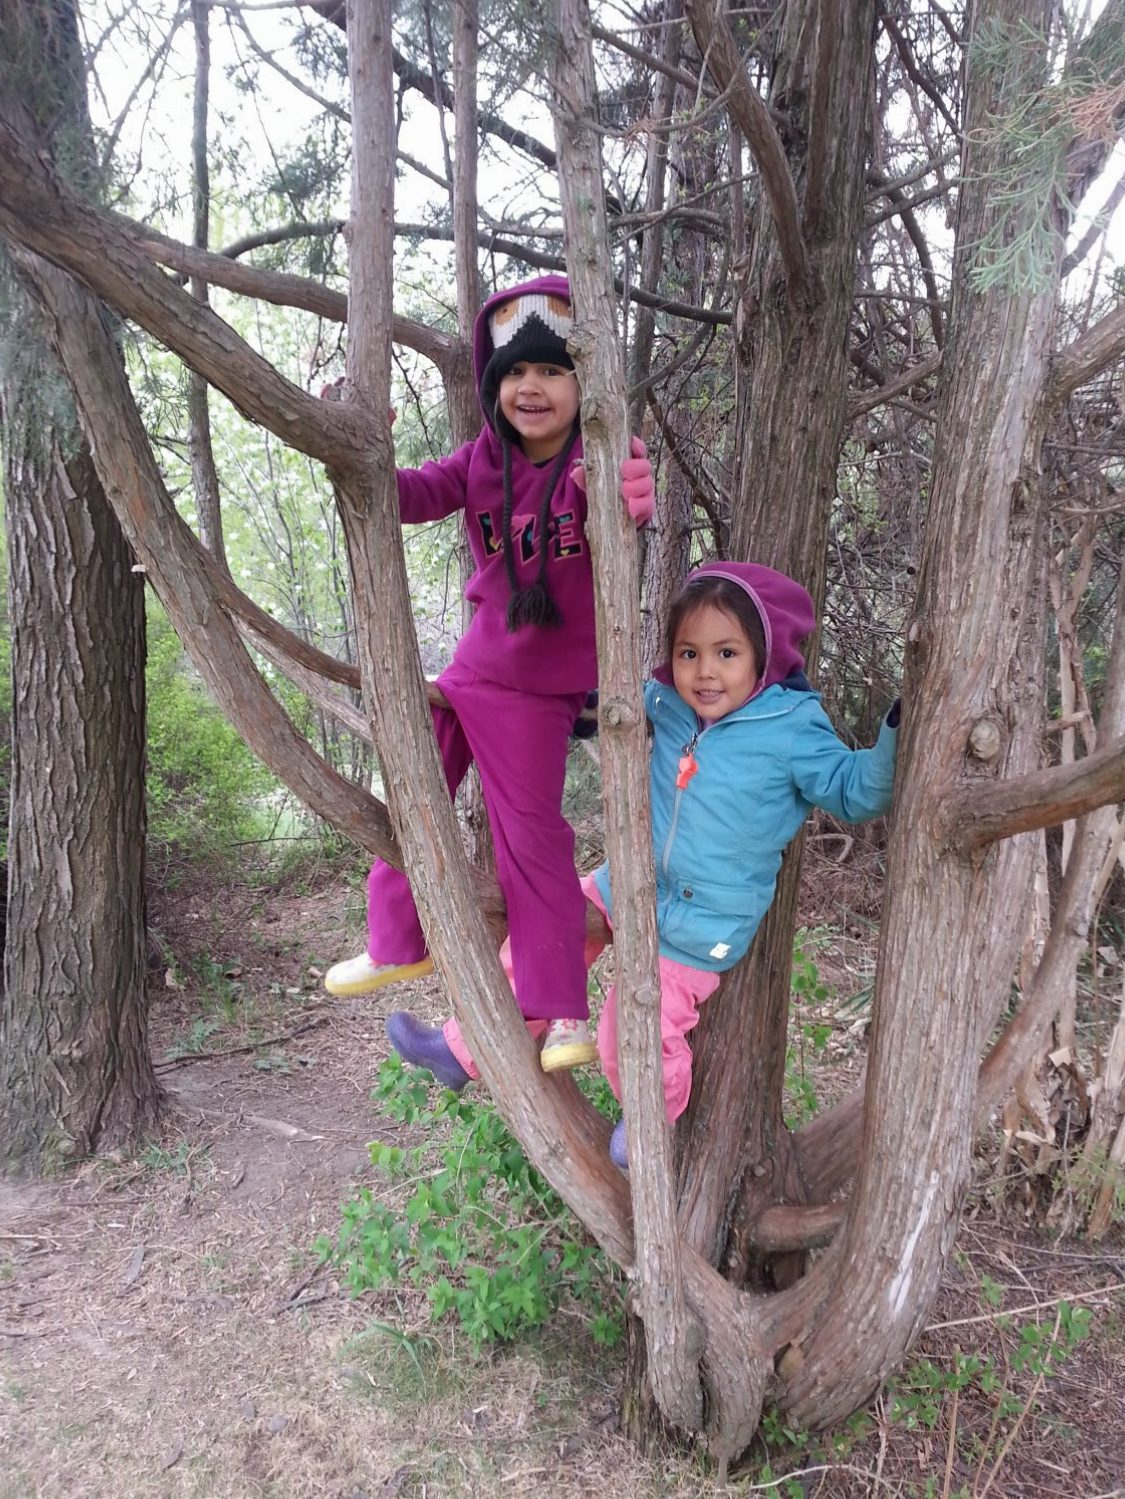 Shoots (Outdoor Kindergarten Program)